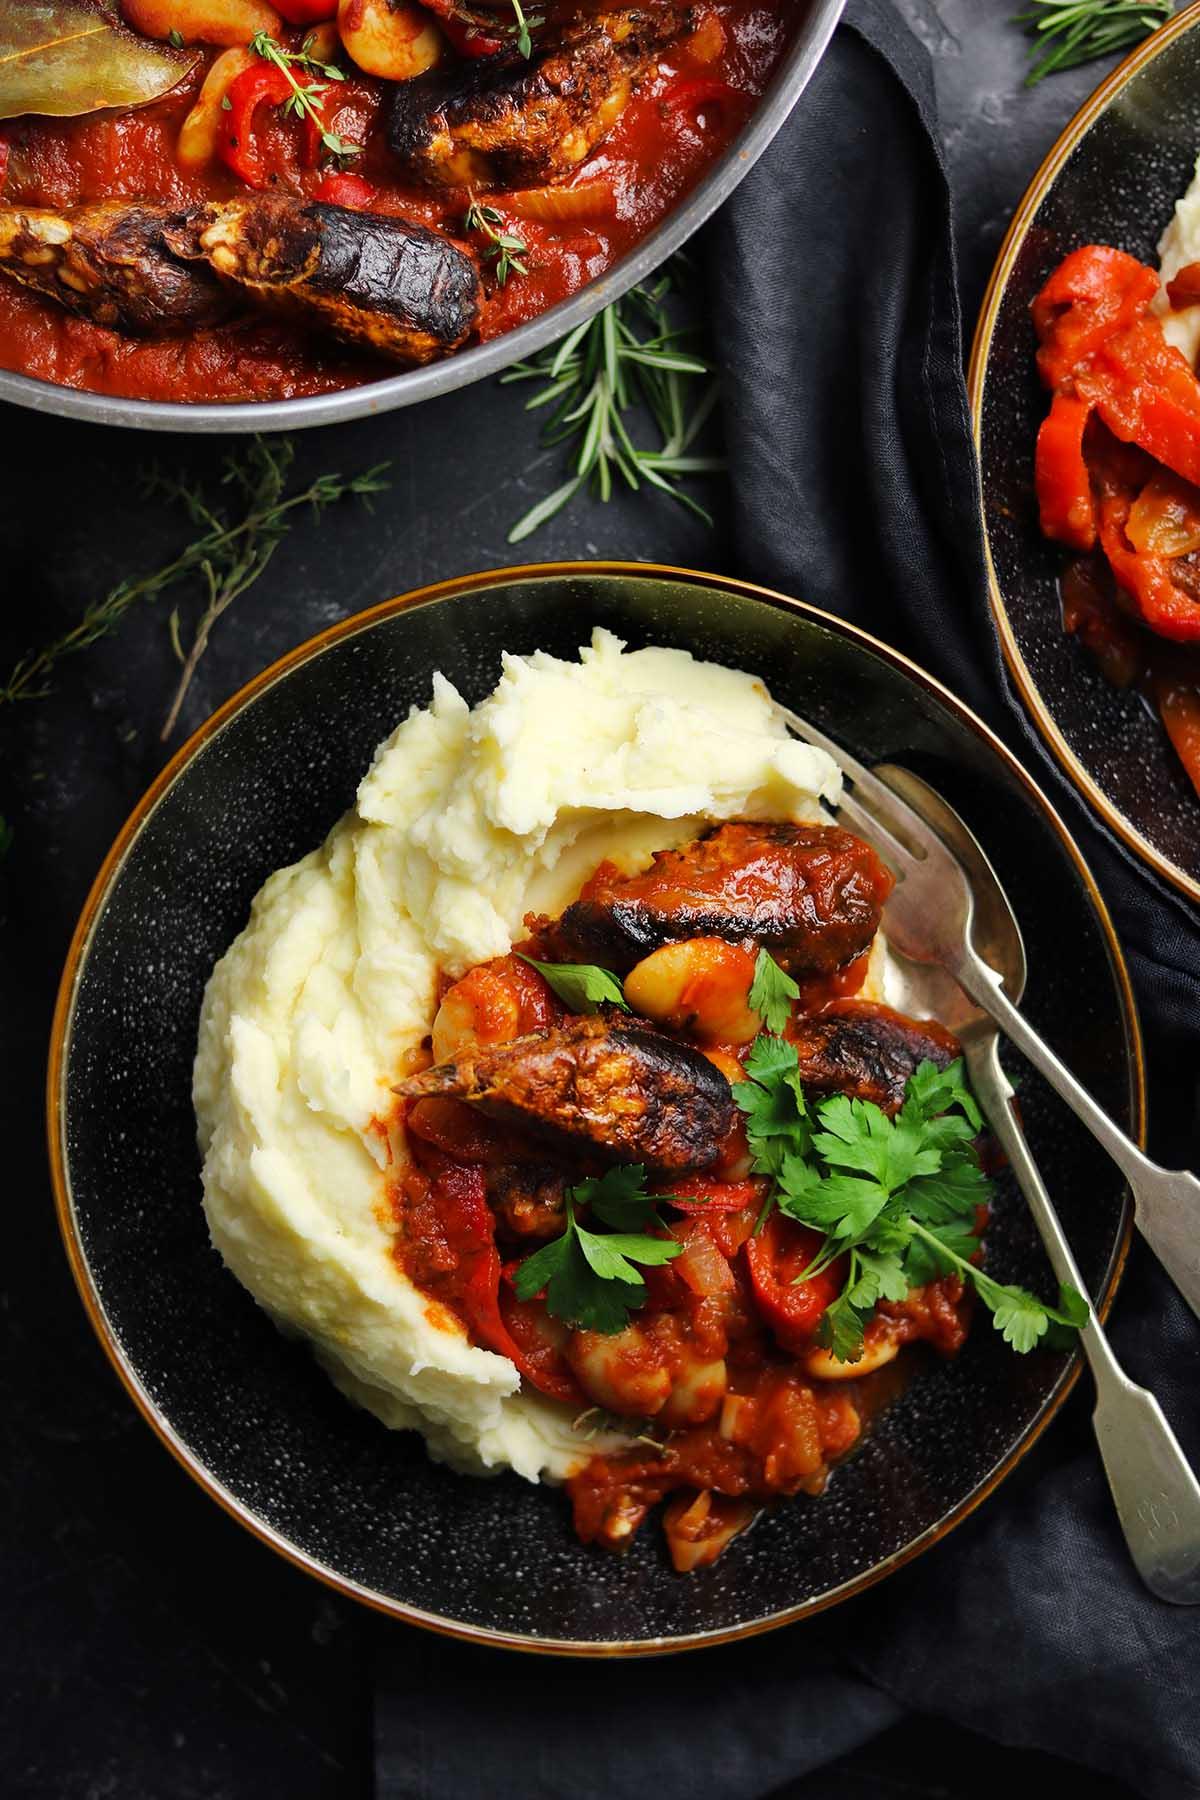 veggie sausage casserole in bowl